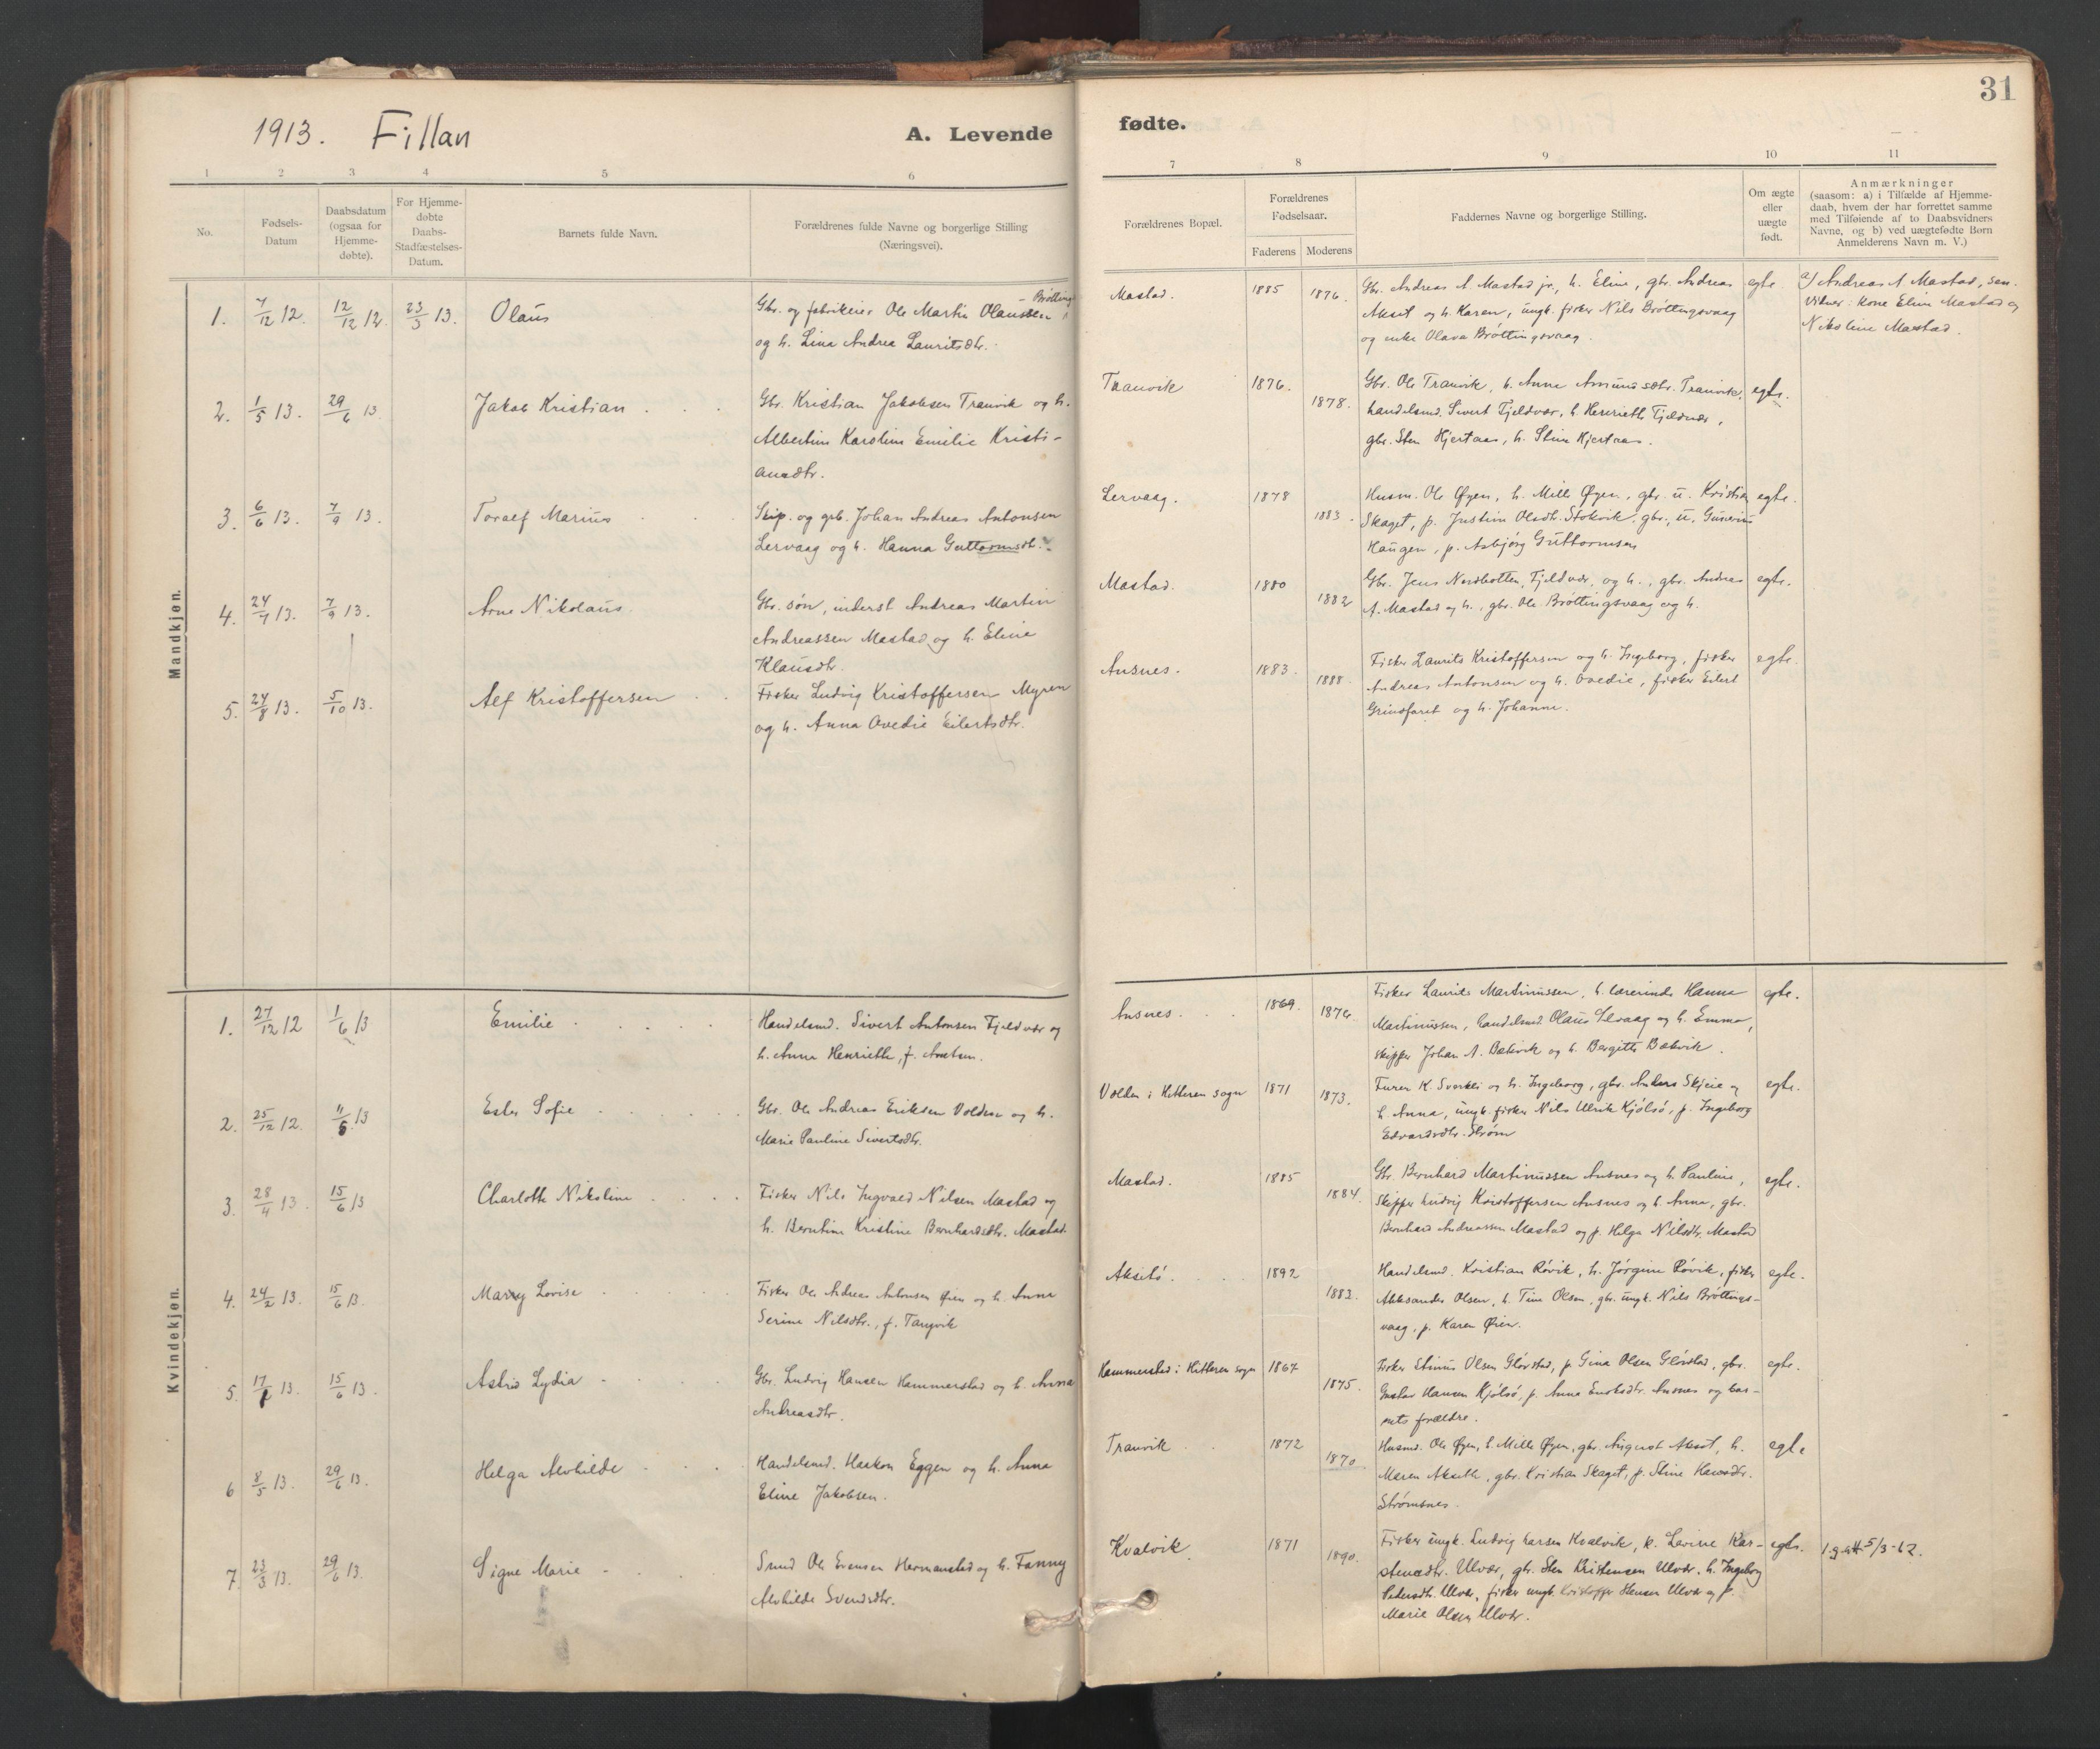 SAT, Ministerialprotokoller, klokkerbøker og fødselsregistre - Sør-Trøndelag, 637/L0559: Ministerialbok nr. 637A02, 1899-1923, s. 31